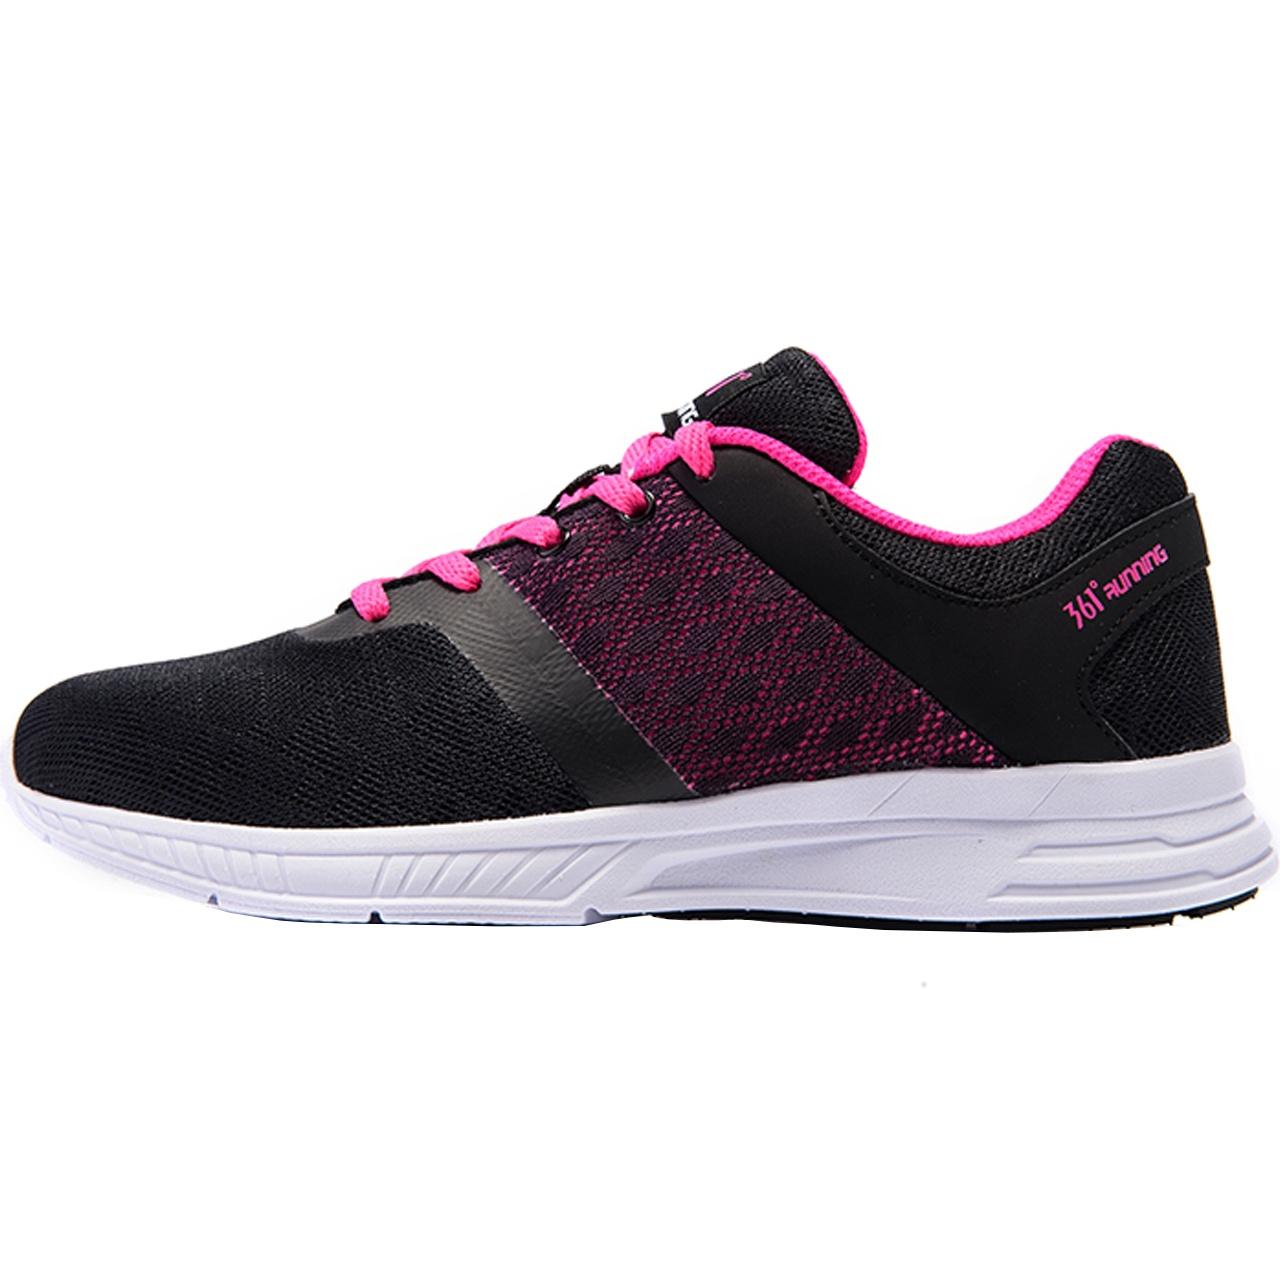 کفش مخصوص دویدن زنانه 361 درجه کد 681722206-1